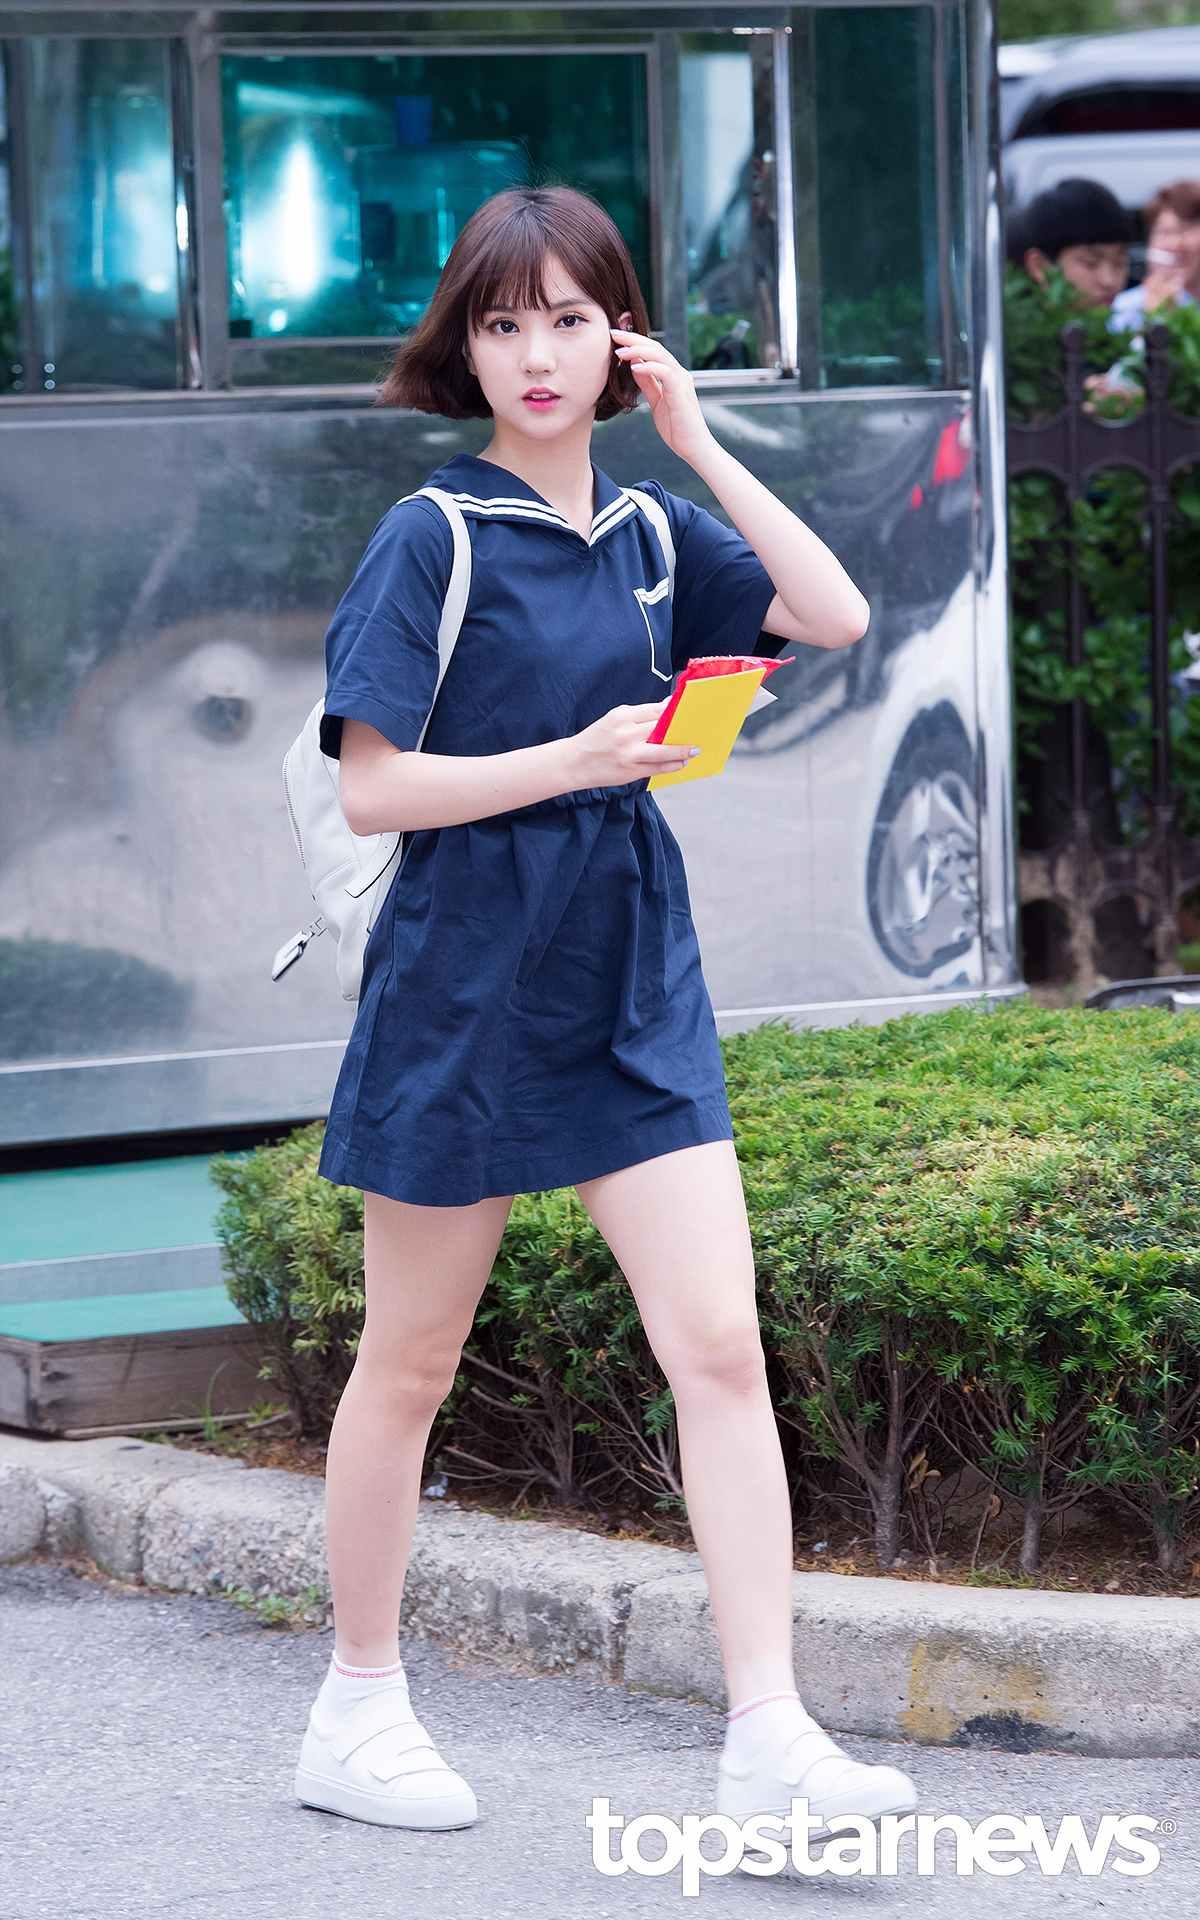 Eunha ✪ 少女氣質LOOK 如果想用海軍裝彰顯少女氣質,那藍色的海軍領連衣裙再合適不過了耶!像Eunha這樣,只是用基本款的白色單品搭配連衣裙,就能打造出既減齡又清涼的感覺,少女感十足^^